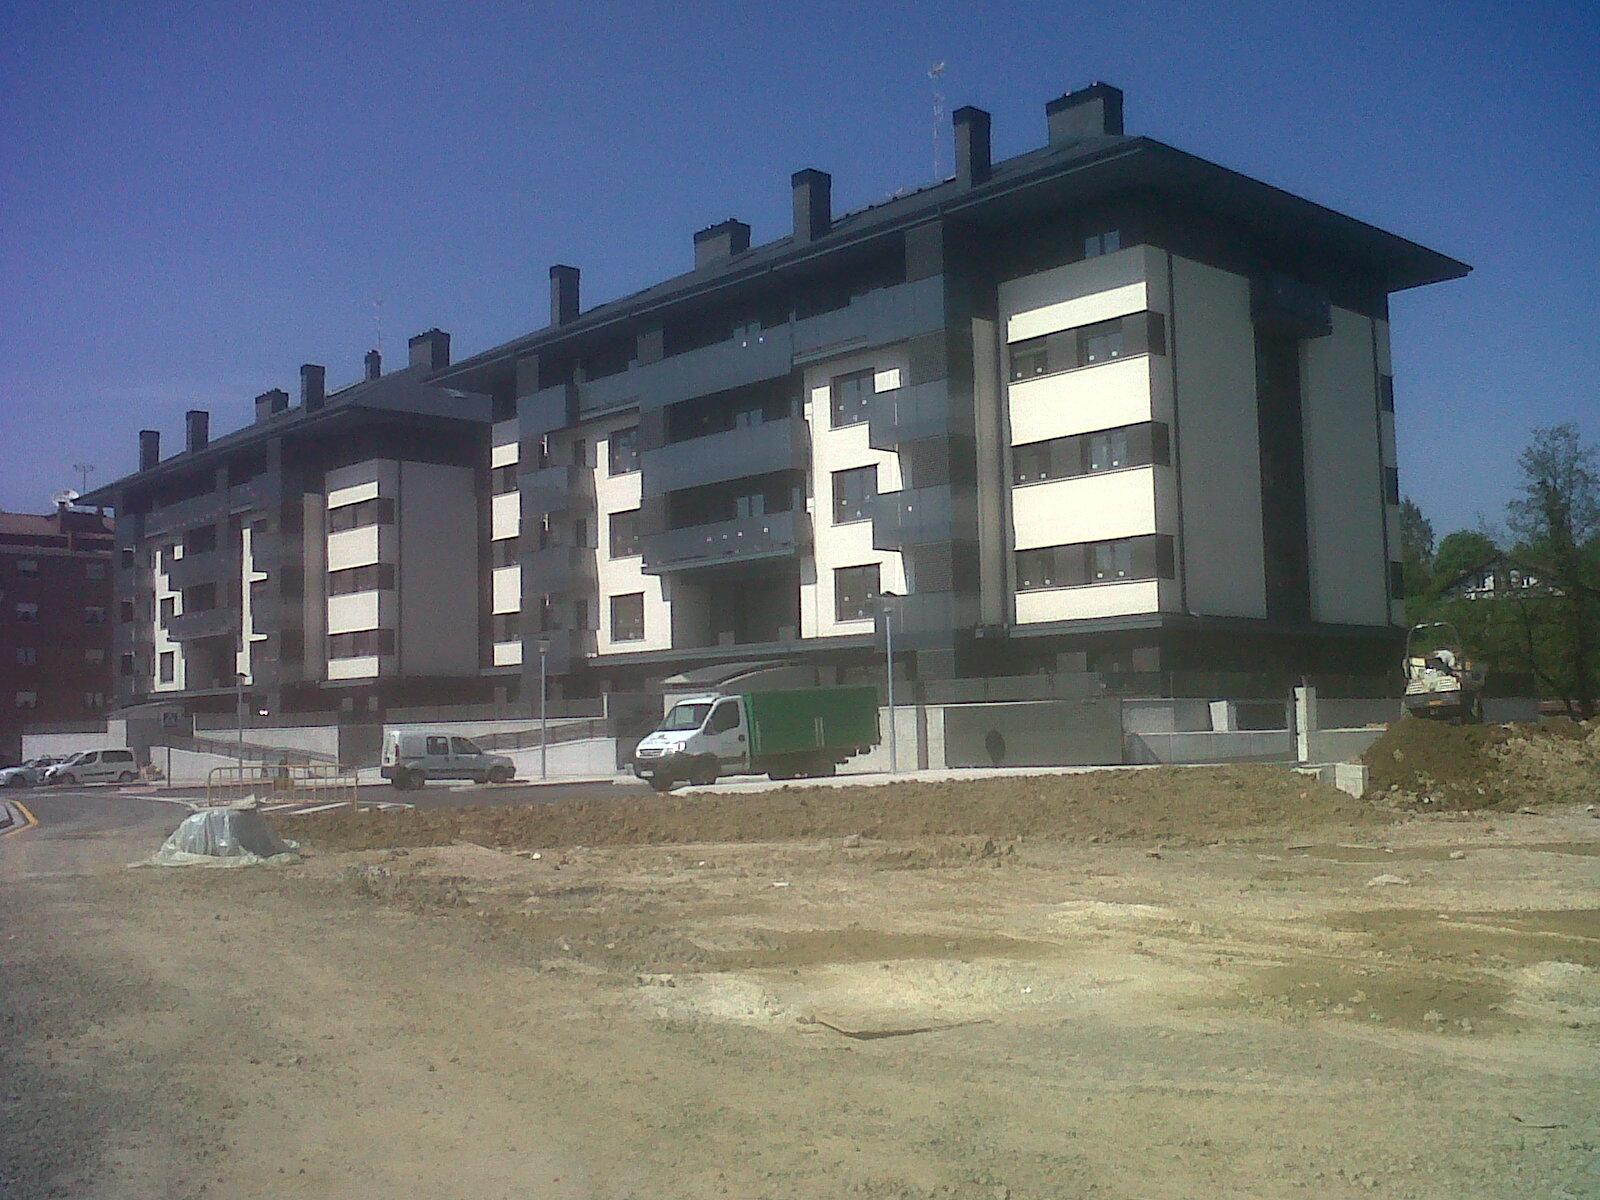 Comprar casa nueva Gernika